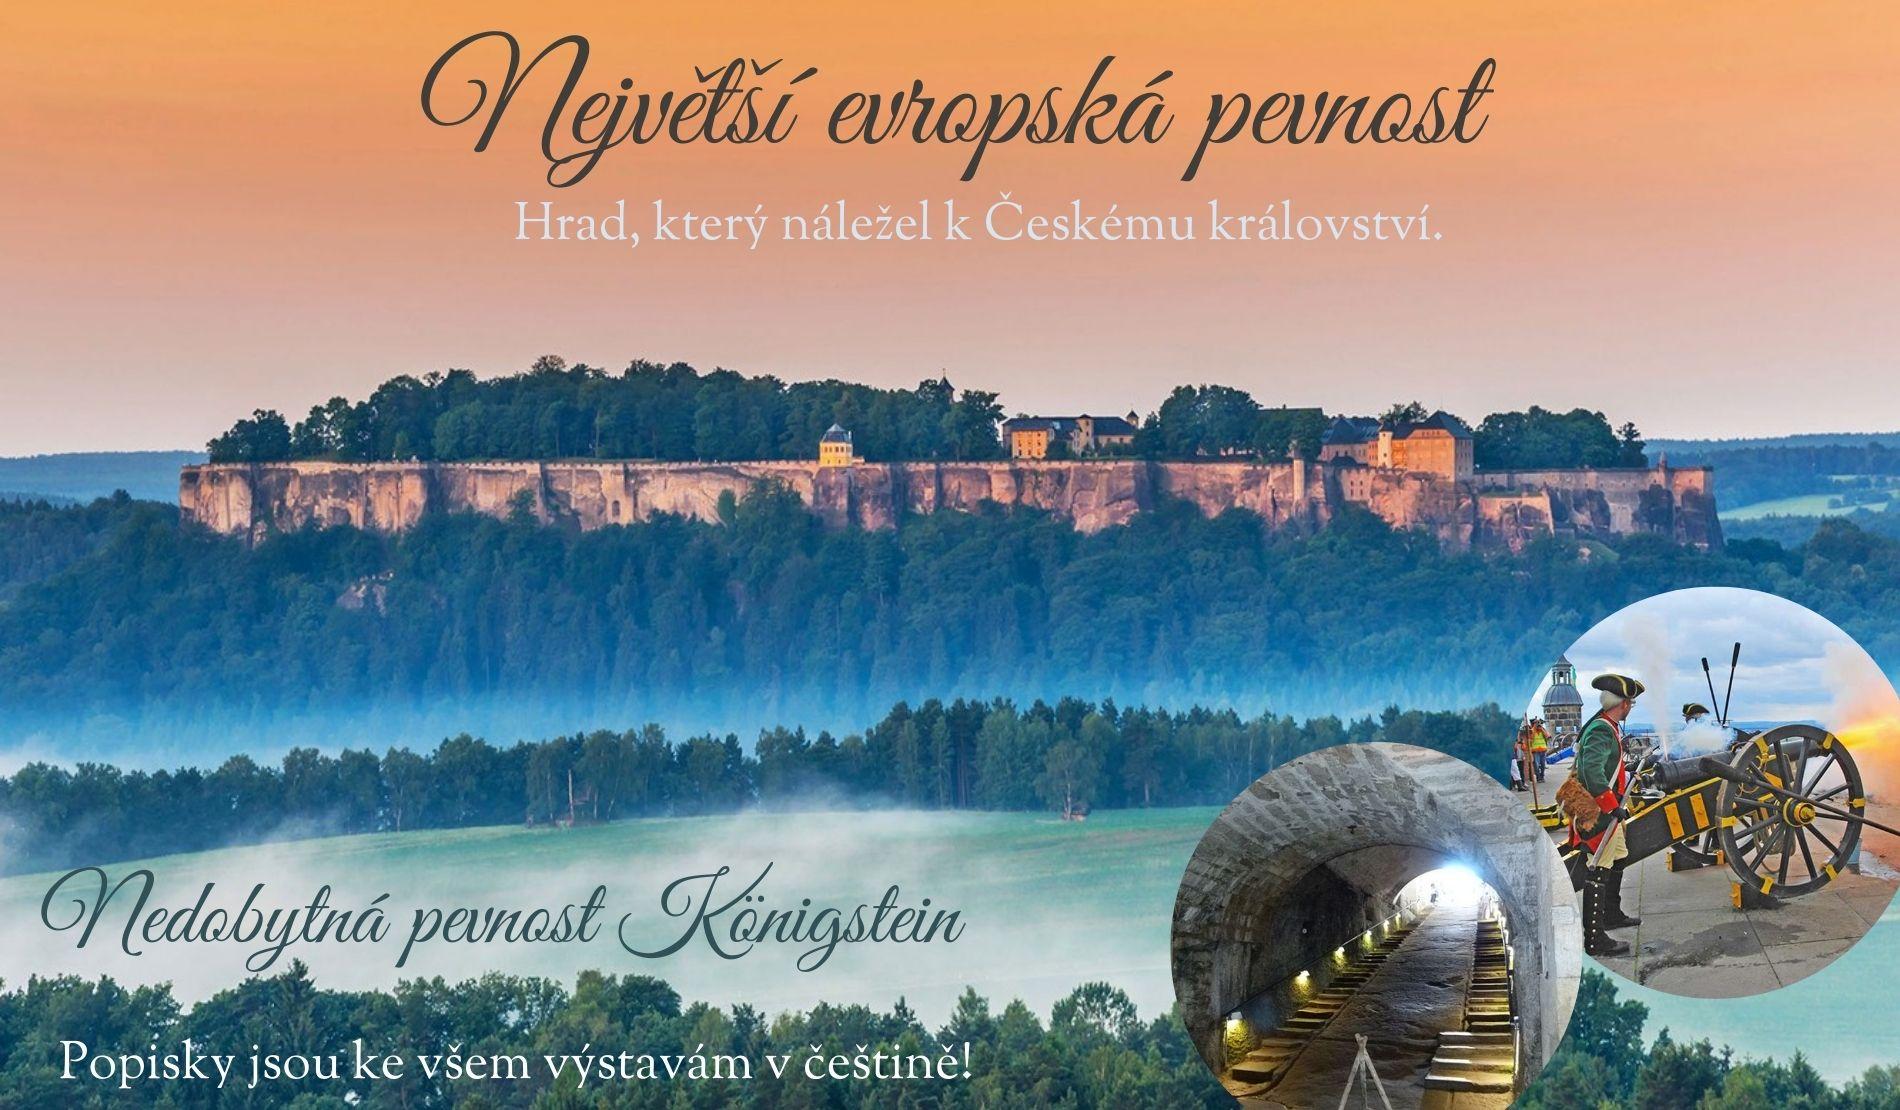 Plavba na pevnost Königstein a zpět